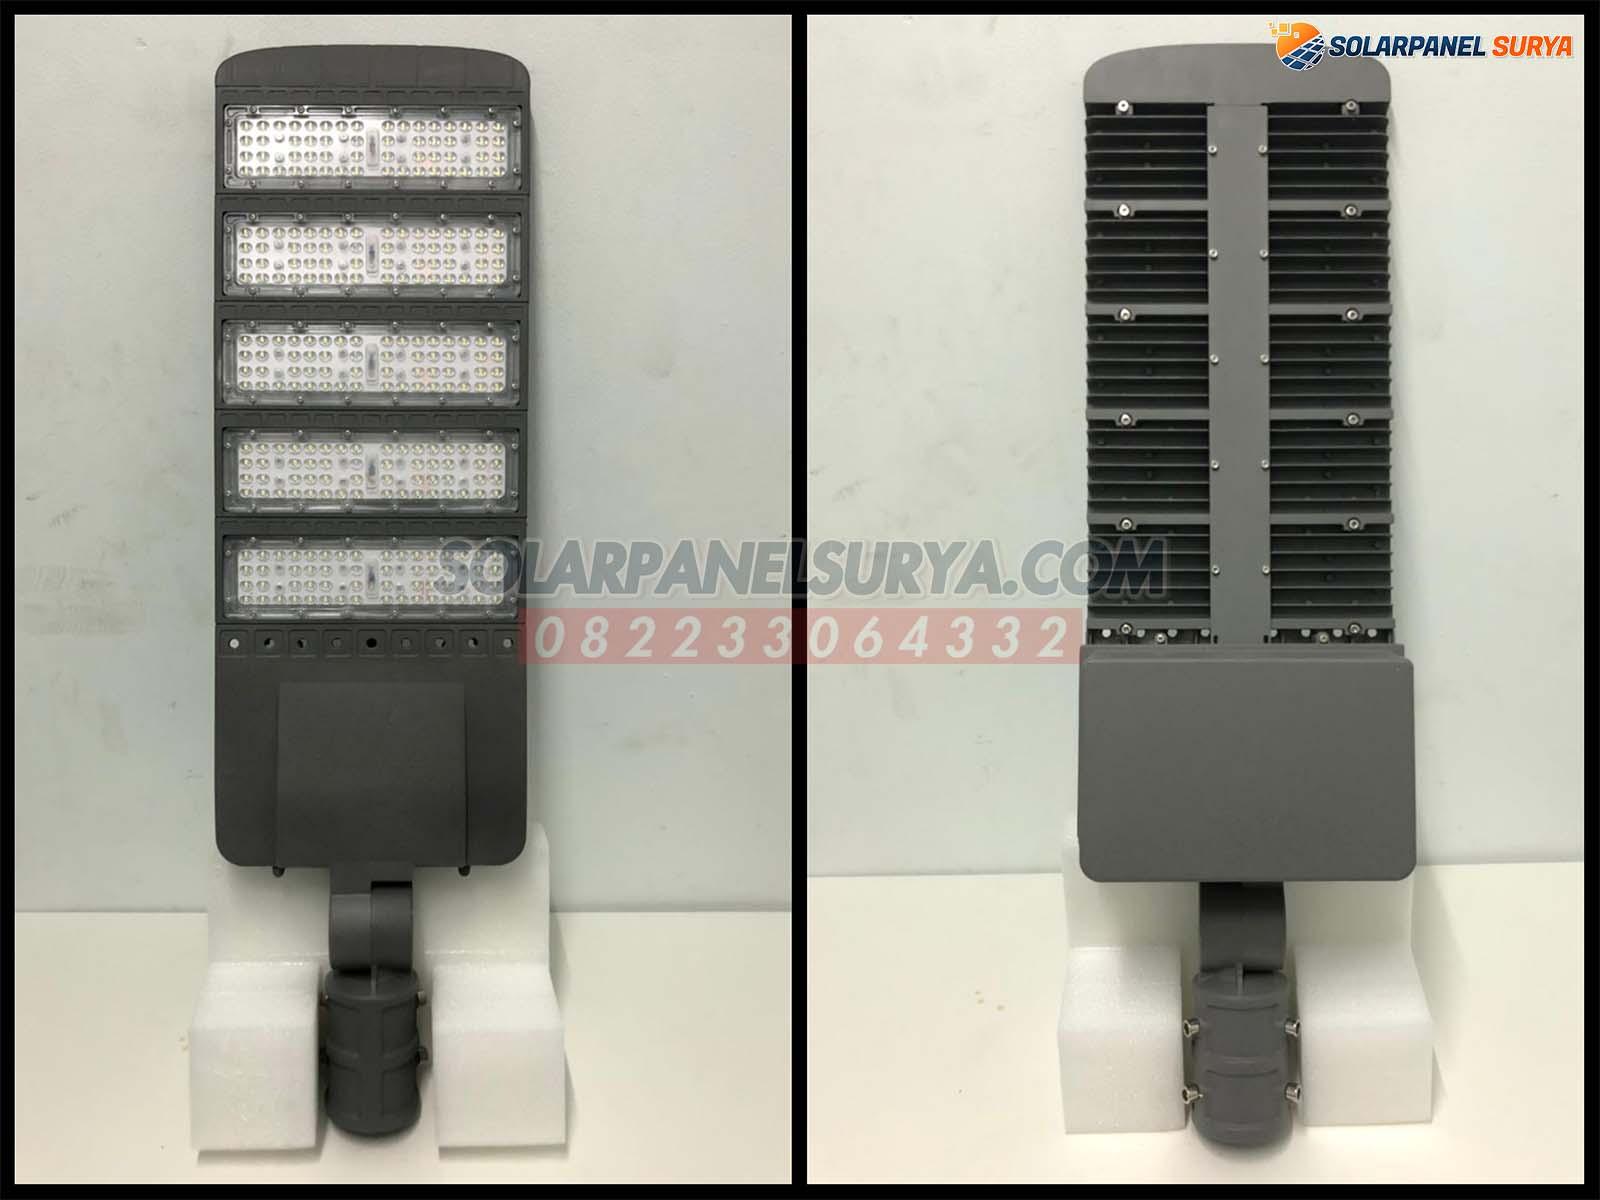 distributor Lampu Penerangan Jalan Umum Tenaga Surya Two In One 100 Watt